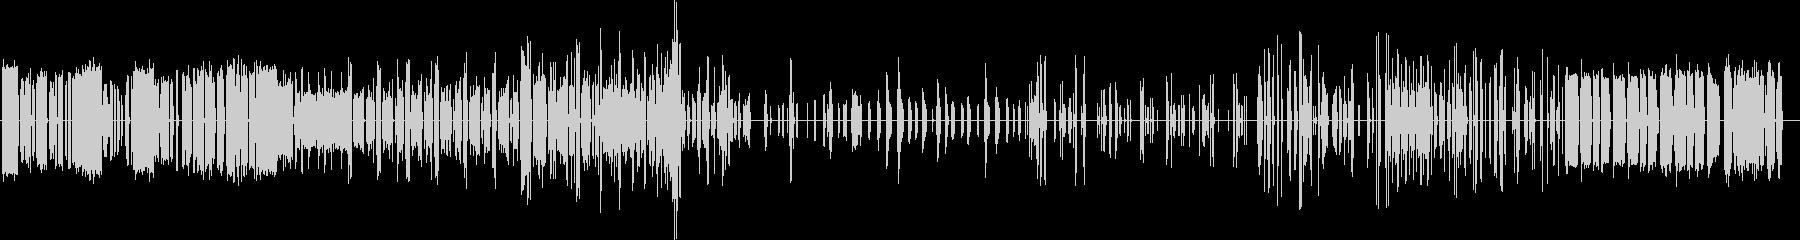 ロボットの誤作動音の未再生の波形